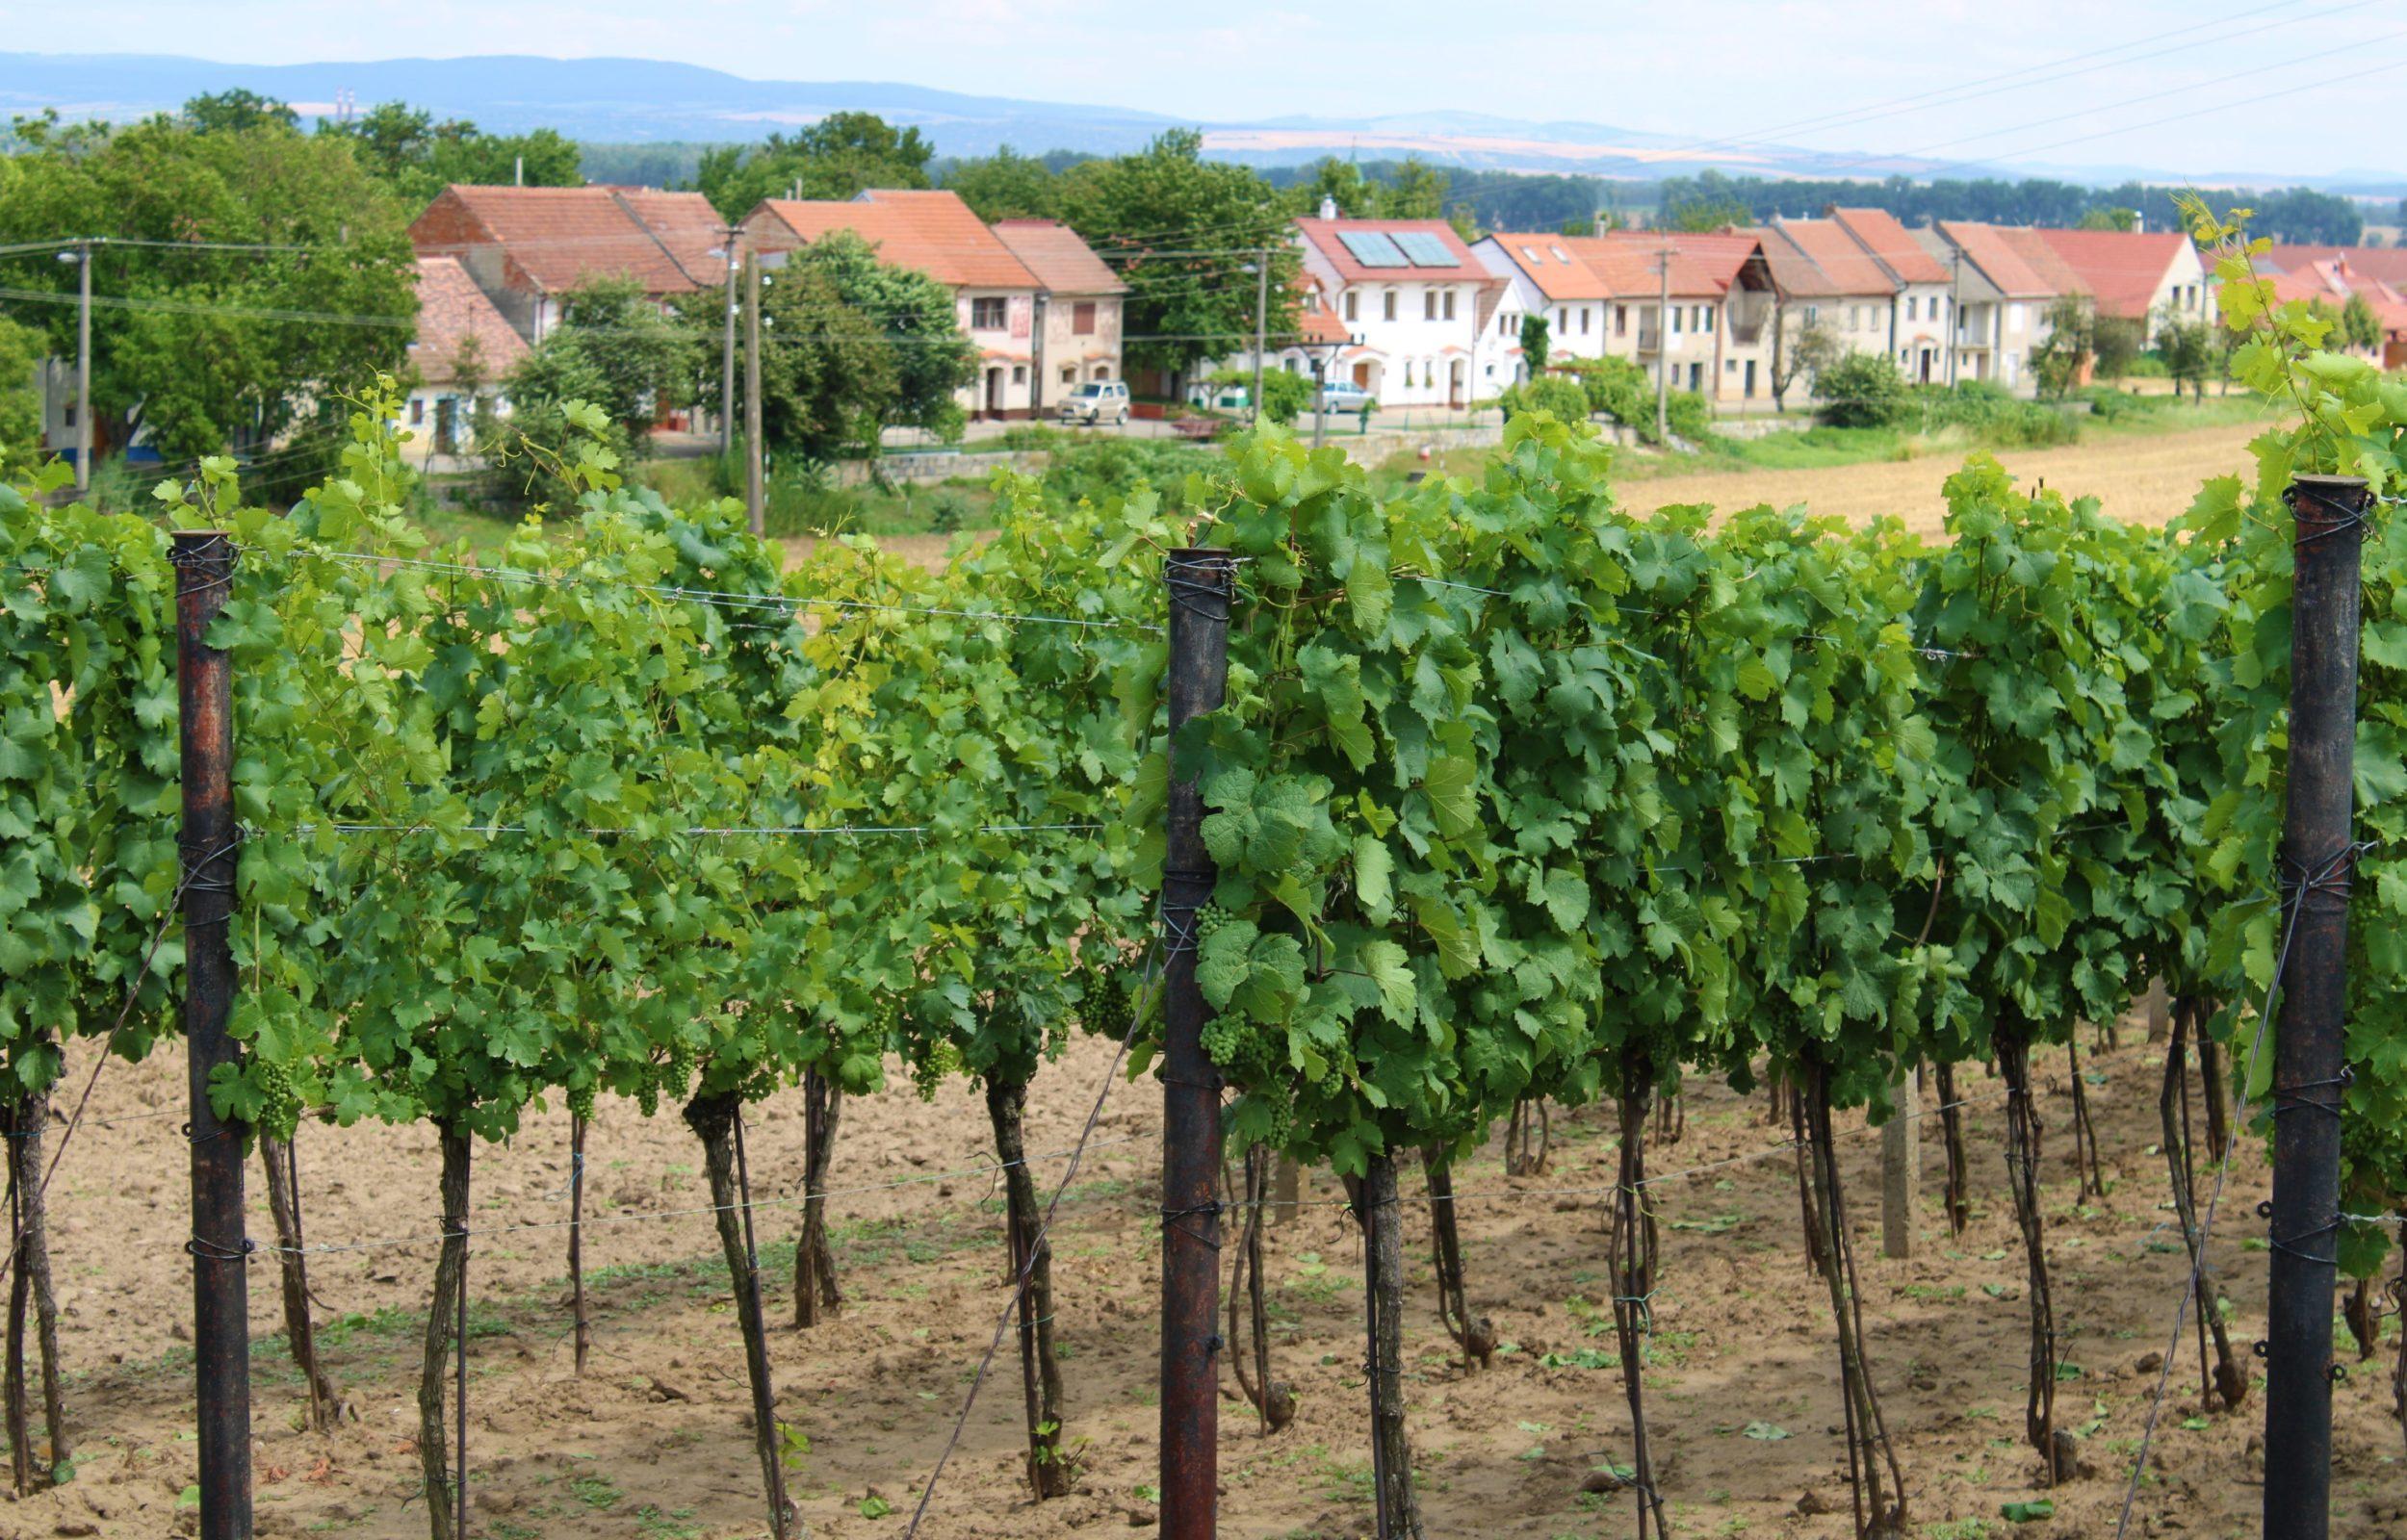 Slováckými vinohrady projdou tisíce turistů. S burčákem v ruce